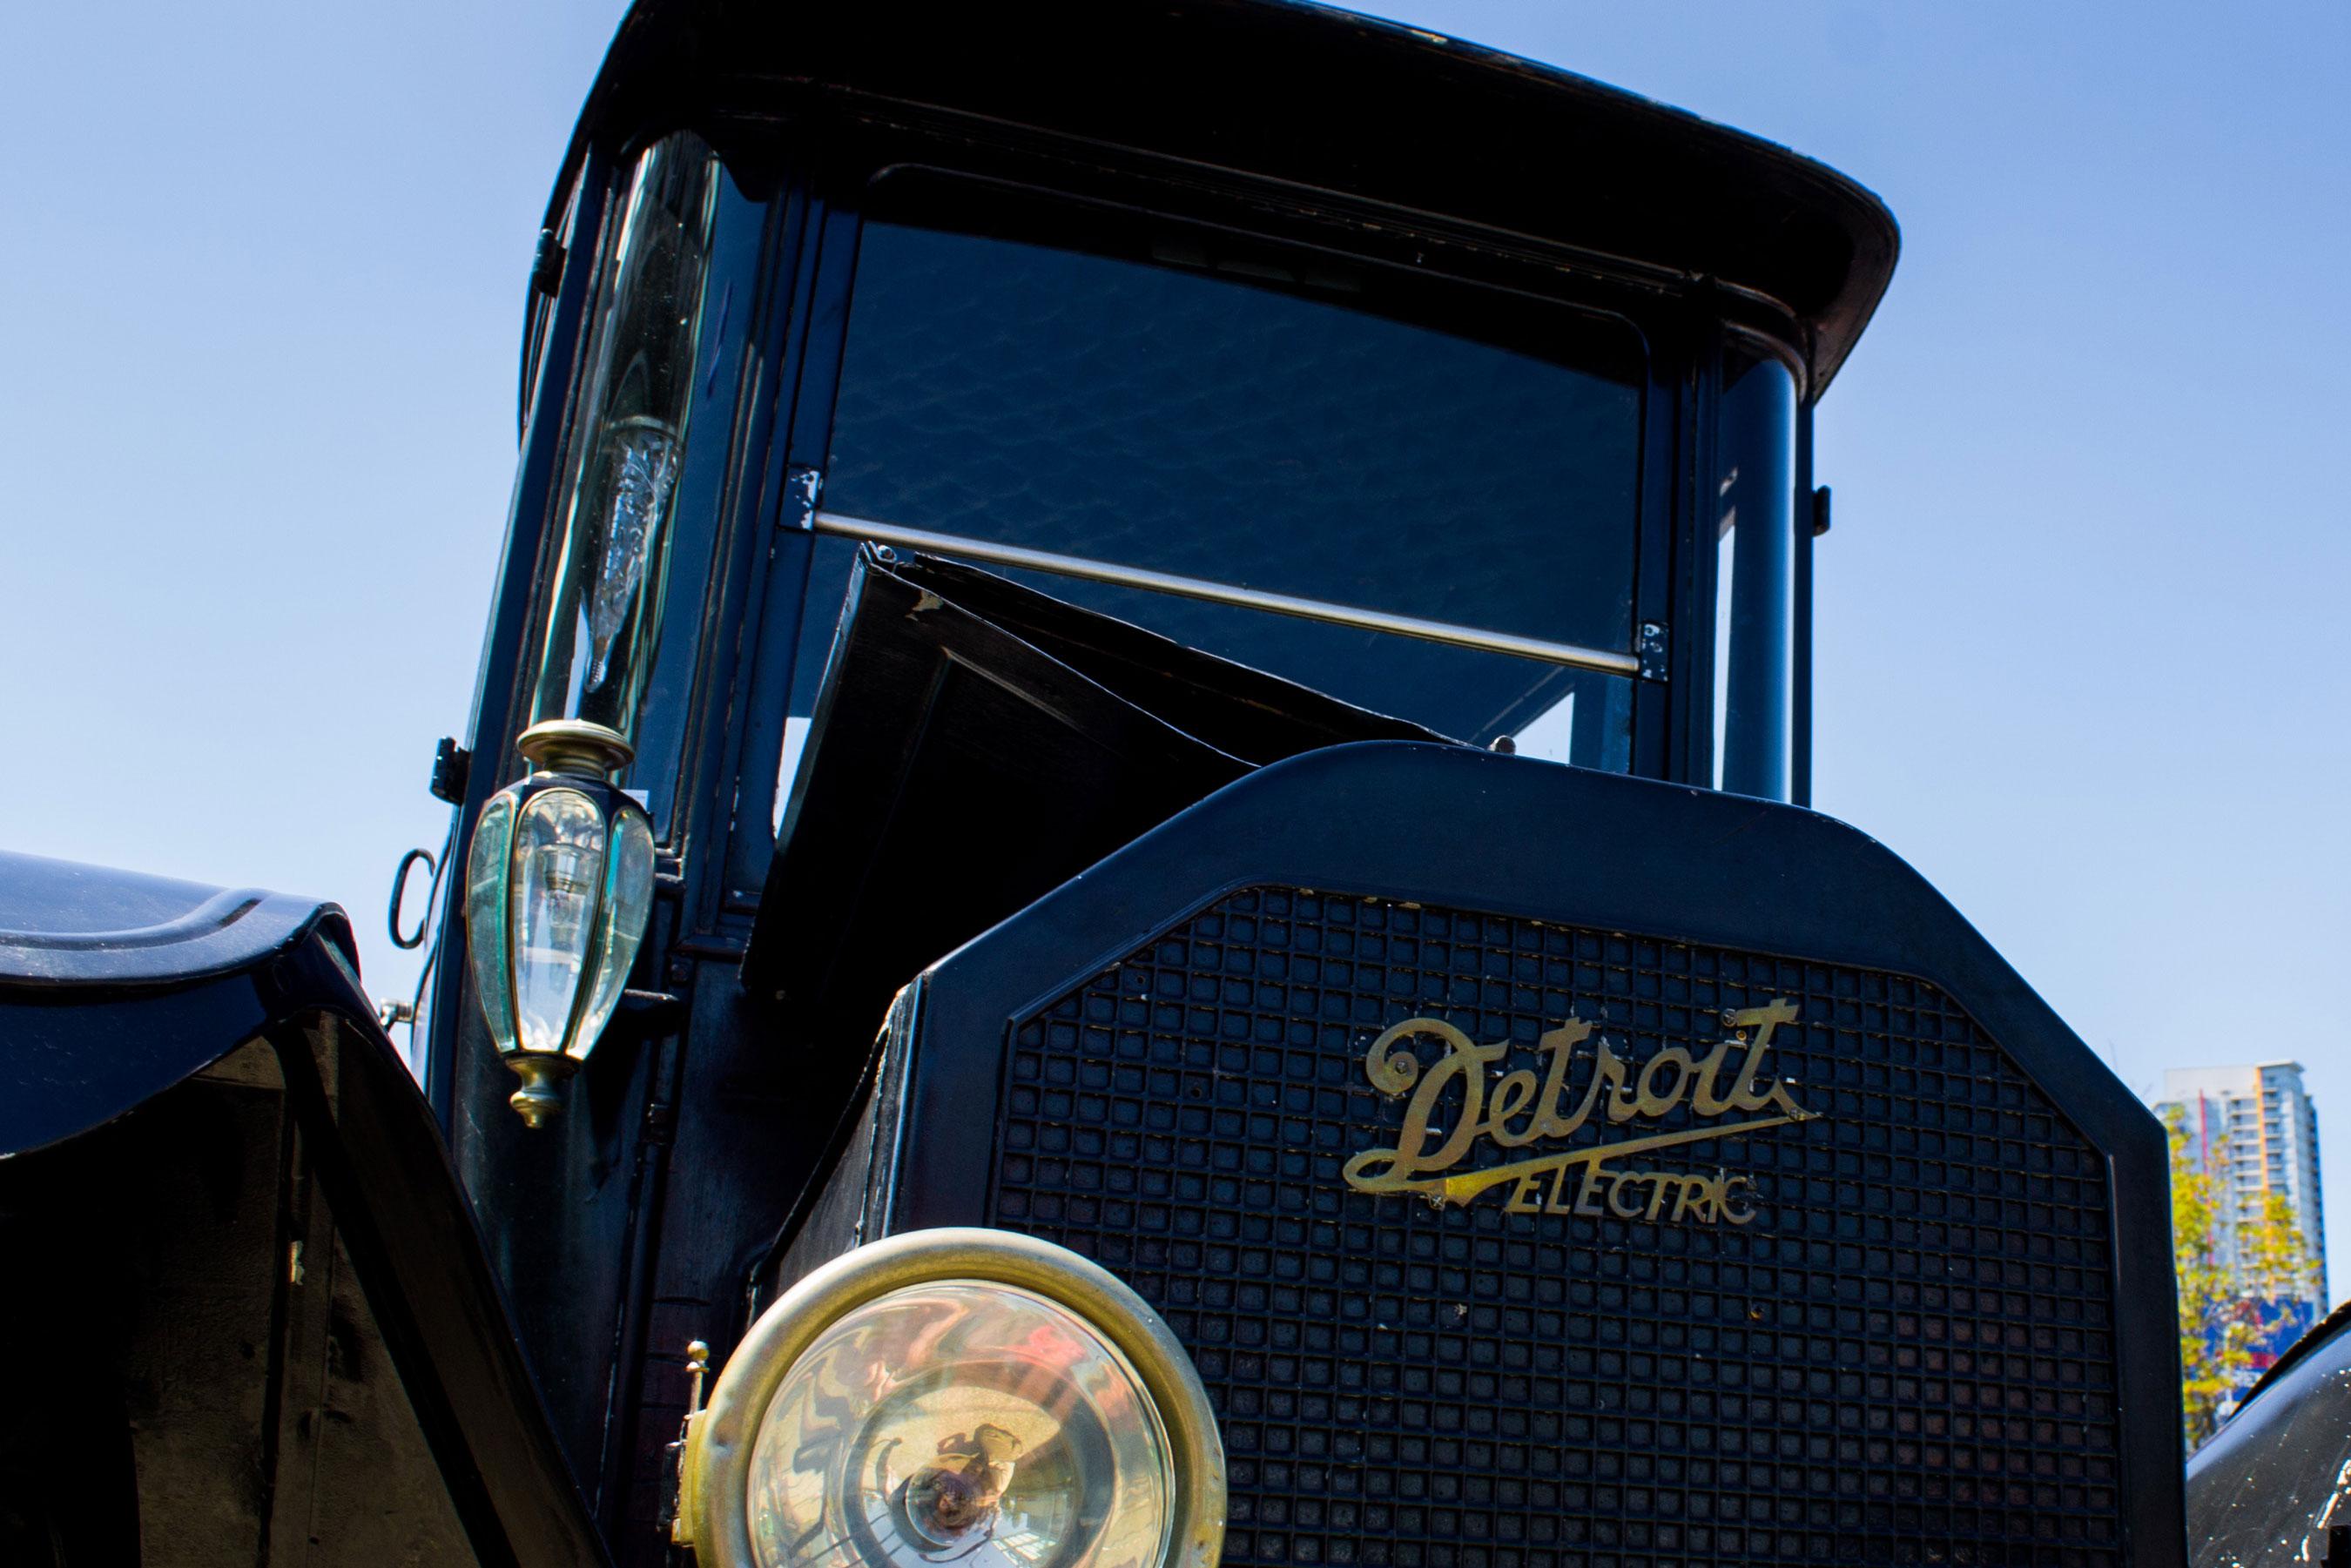 Detroit Electric